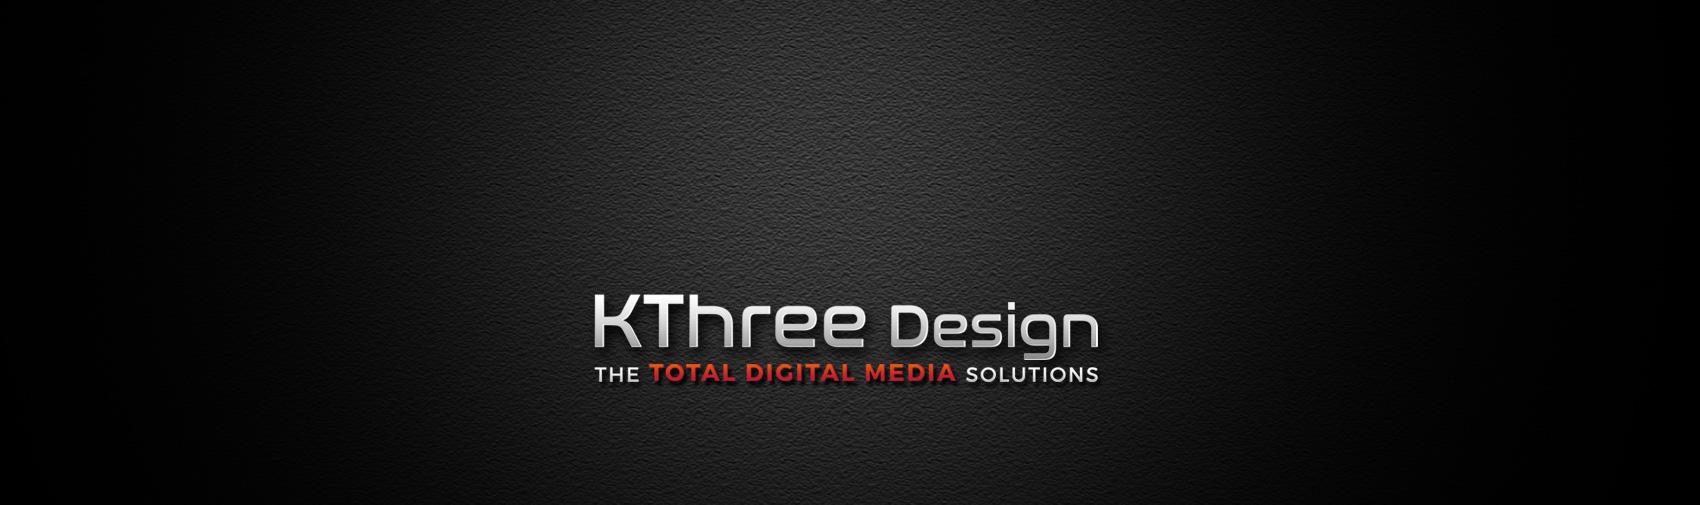 KThree Design